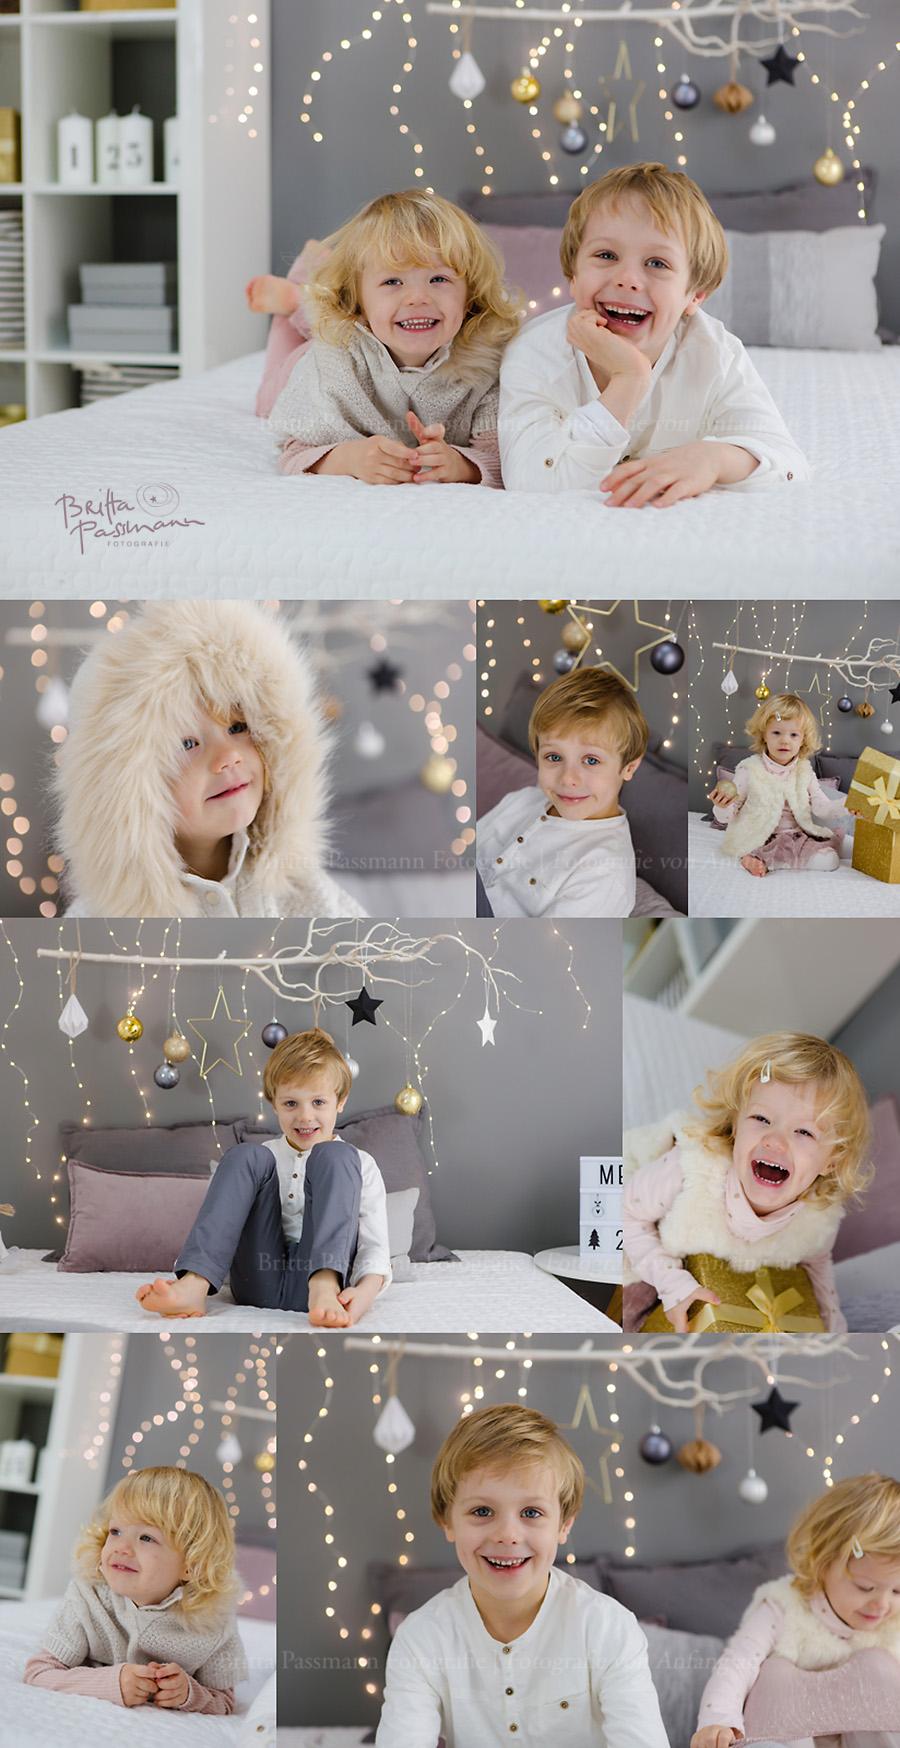 Weihnachtsfotos-Geschenke_zu_Weihnachten-Kinderfotos-Babyfotos-Fotostudio-Dortmund-Bochum-Unna-17